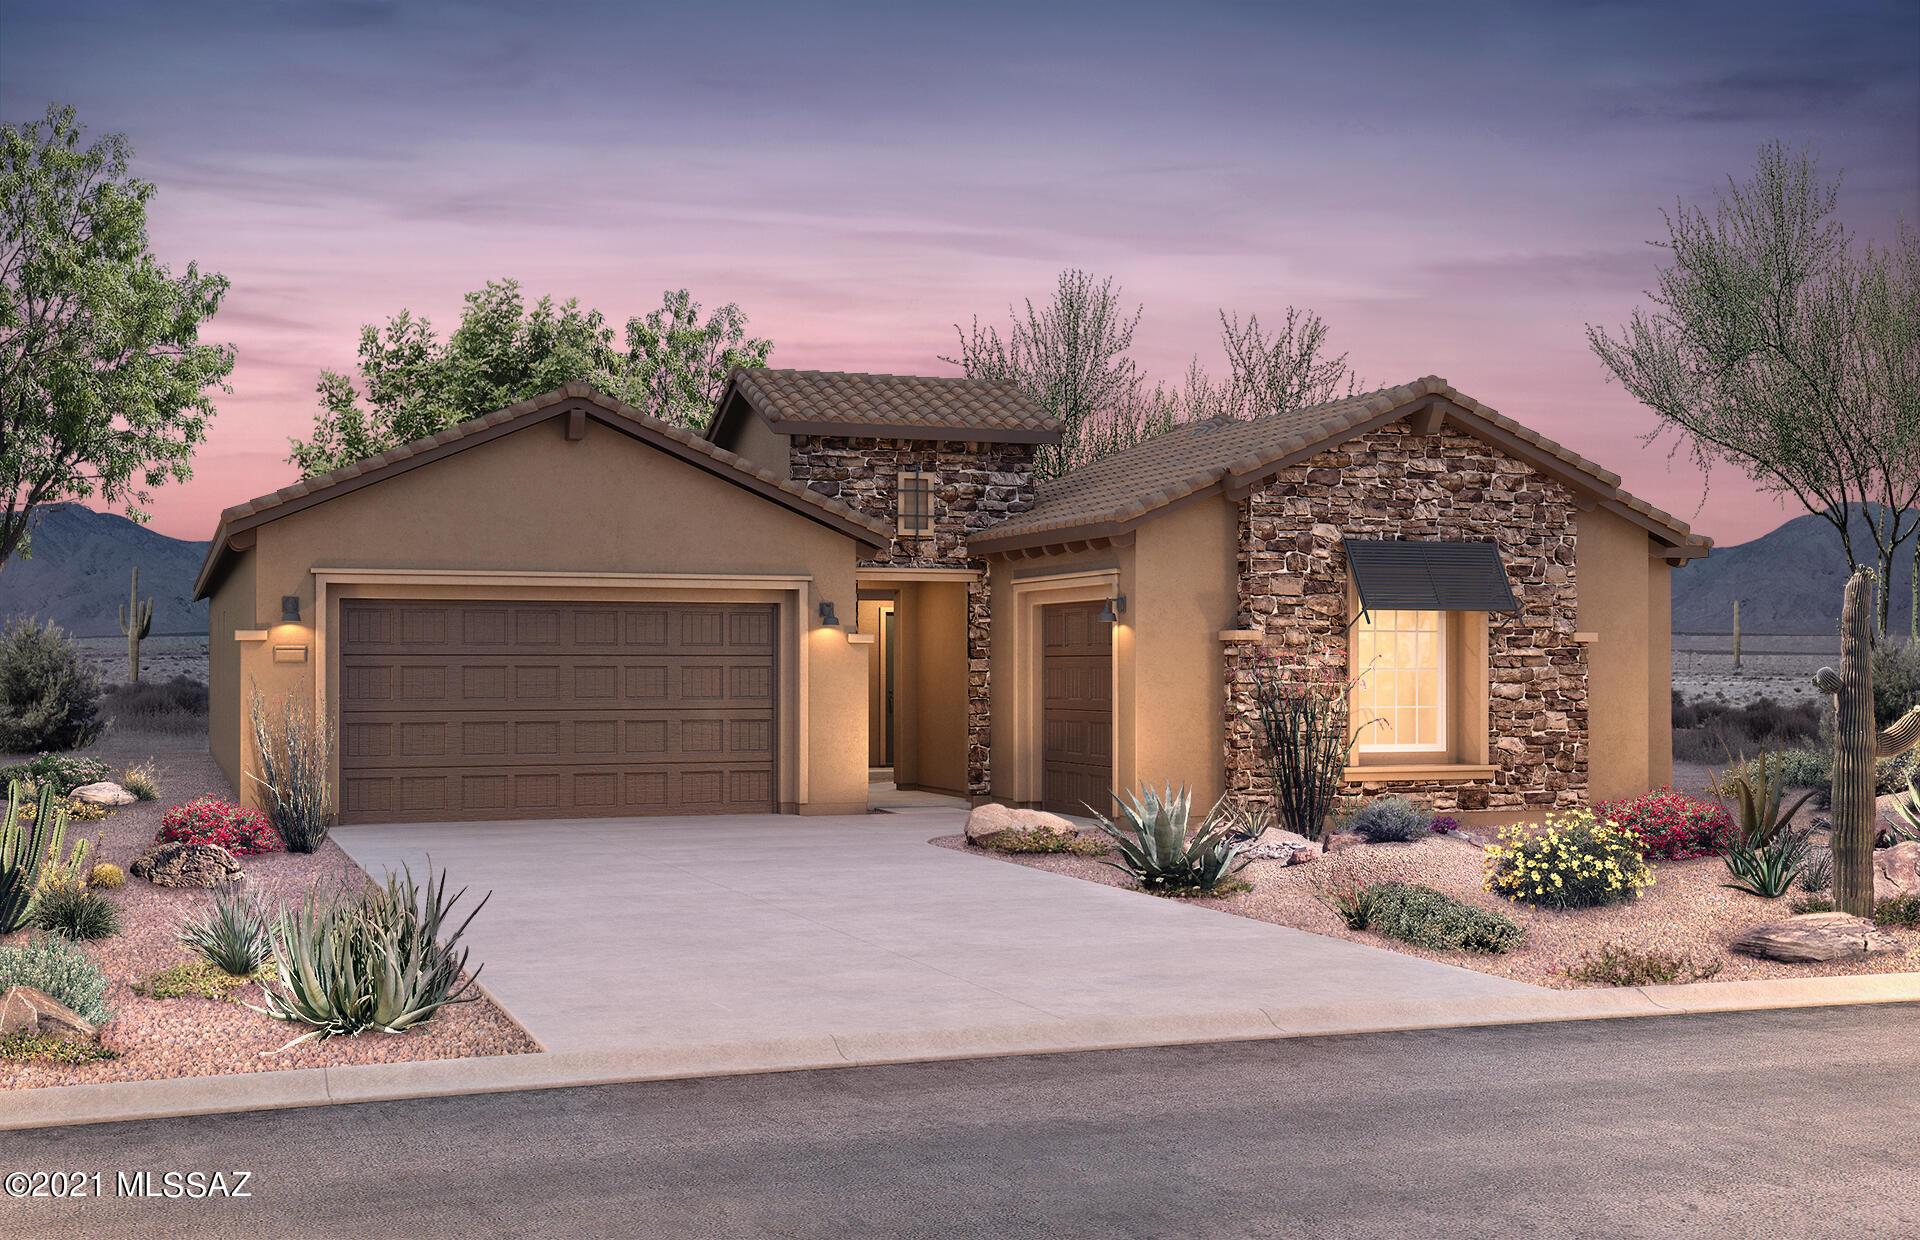 8371 N Lone Ranger Road, Tucson, AZ 85743